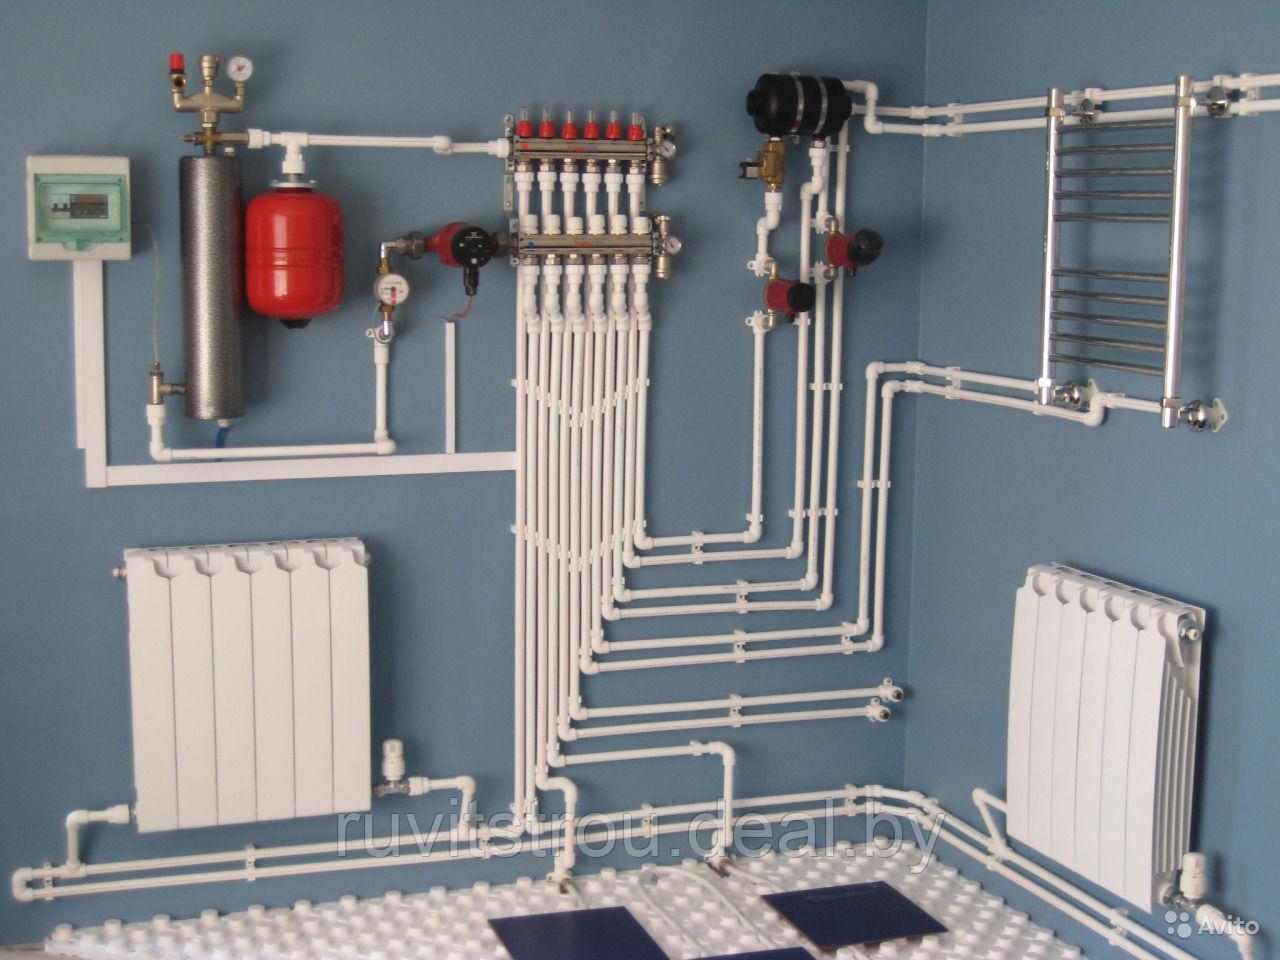 Индивидуальное отопление в квартире: мечта или реальность?